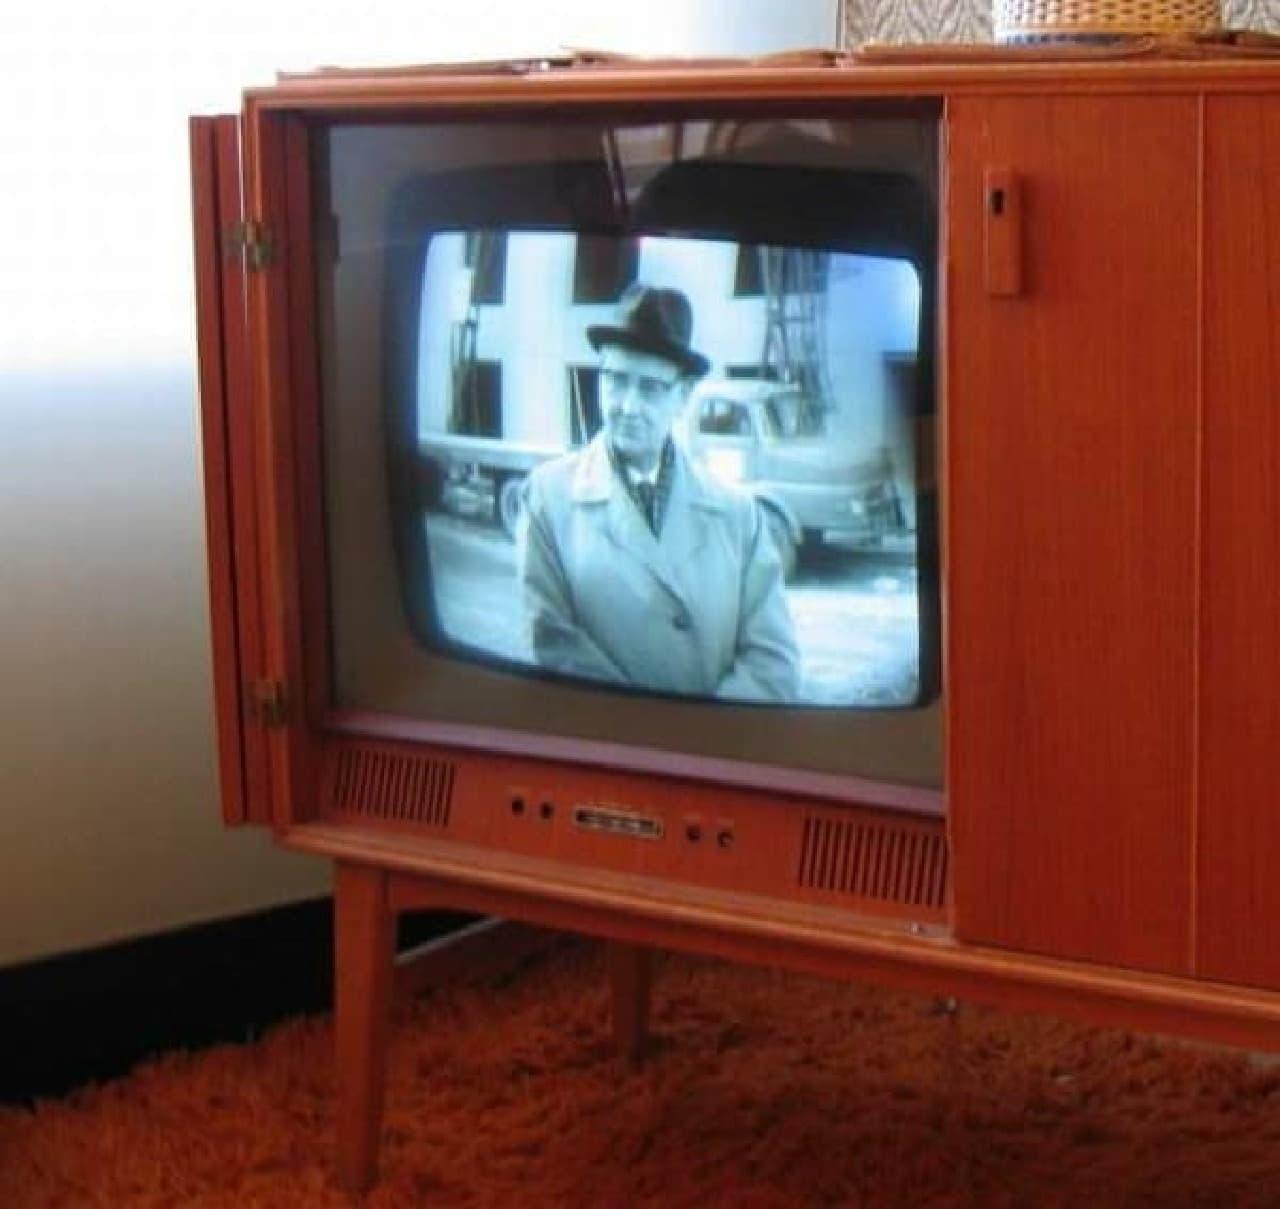 1950年頃のテレビ受信機(出典:Wikipedia)